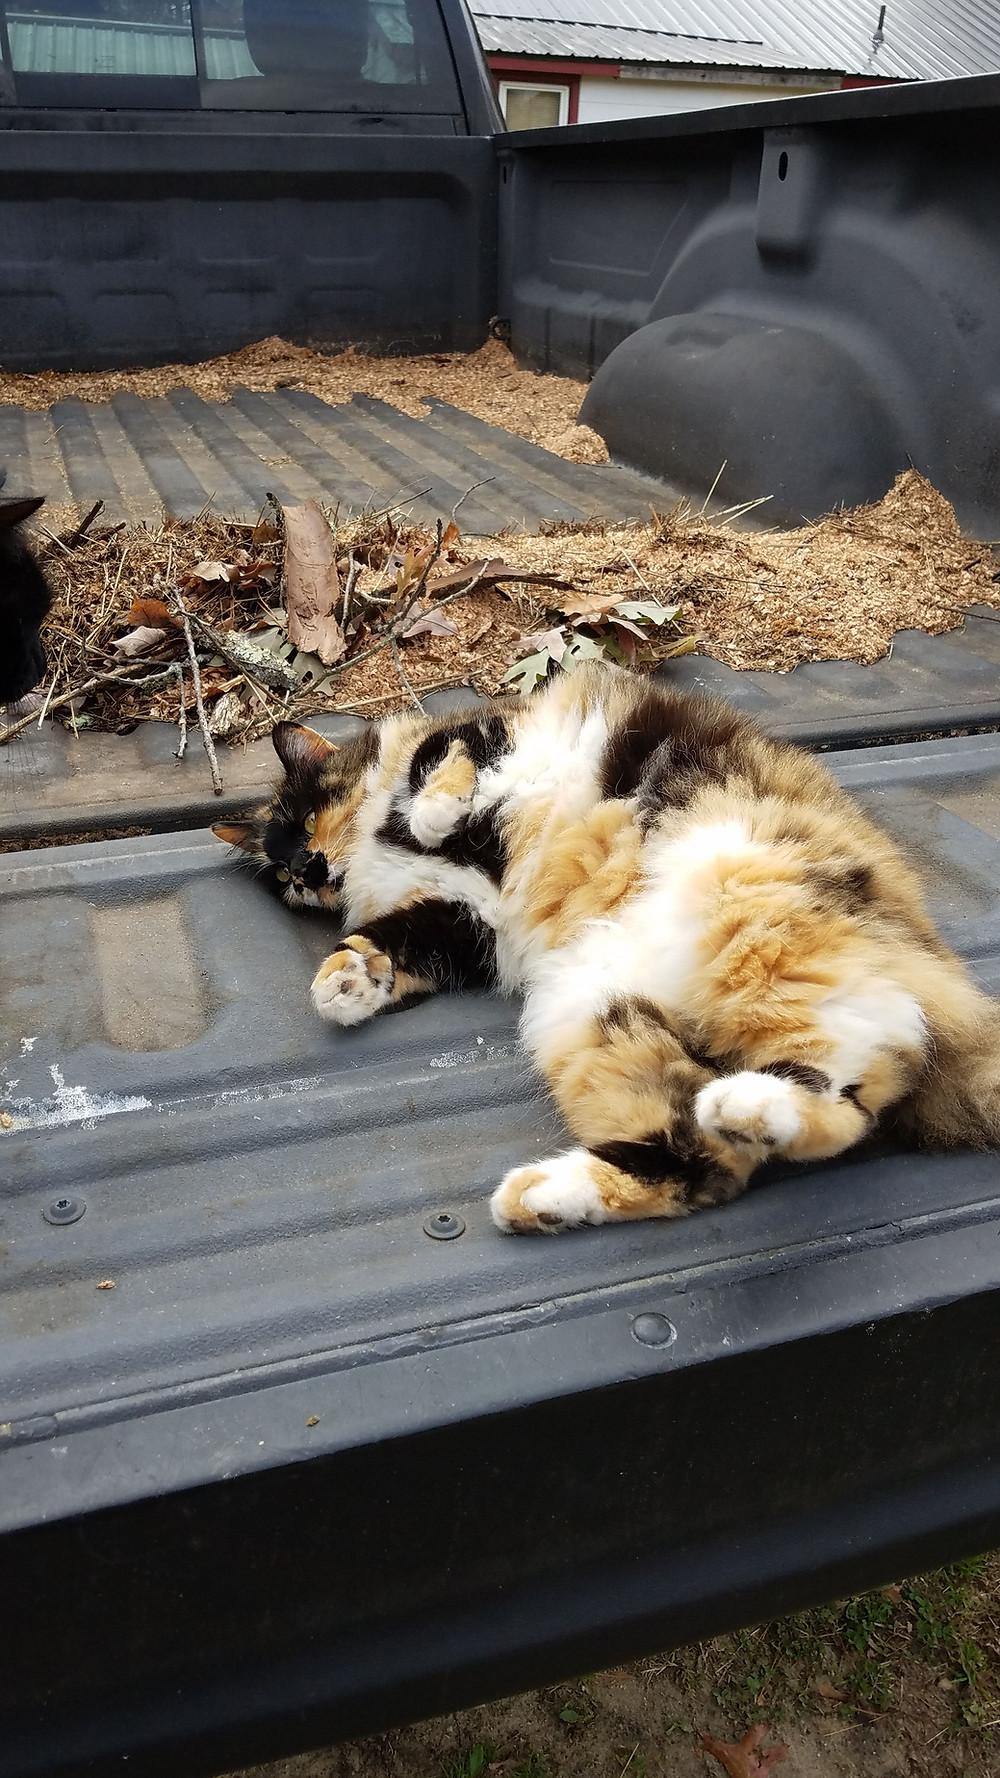 Cat in a truck